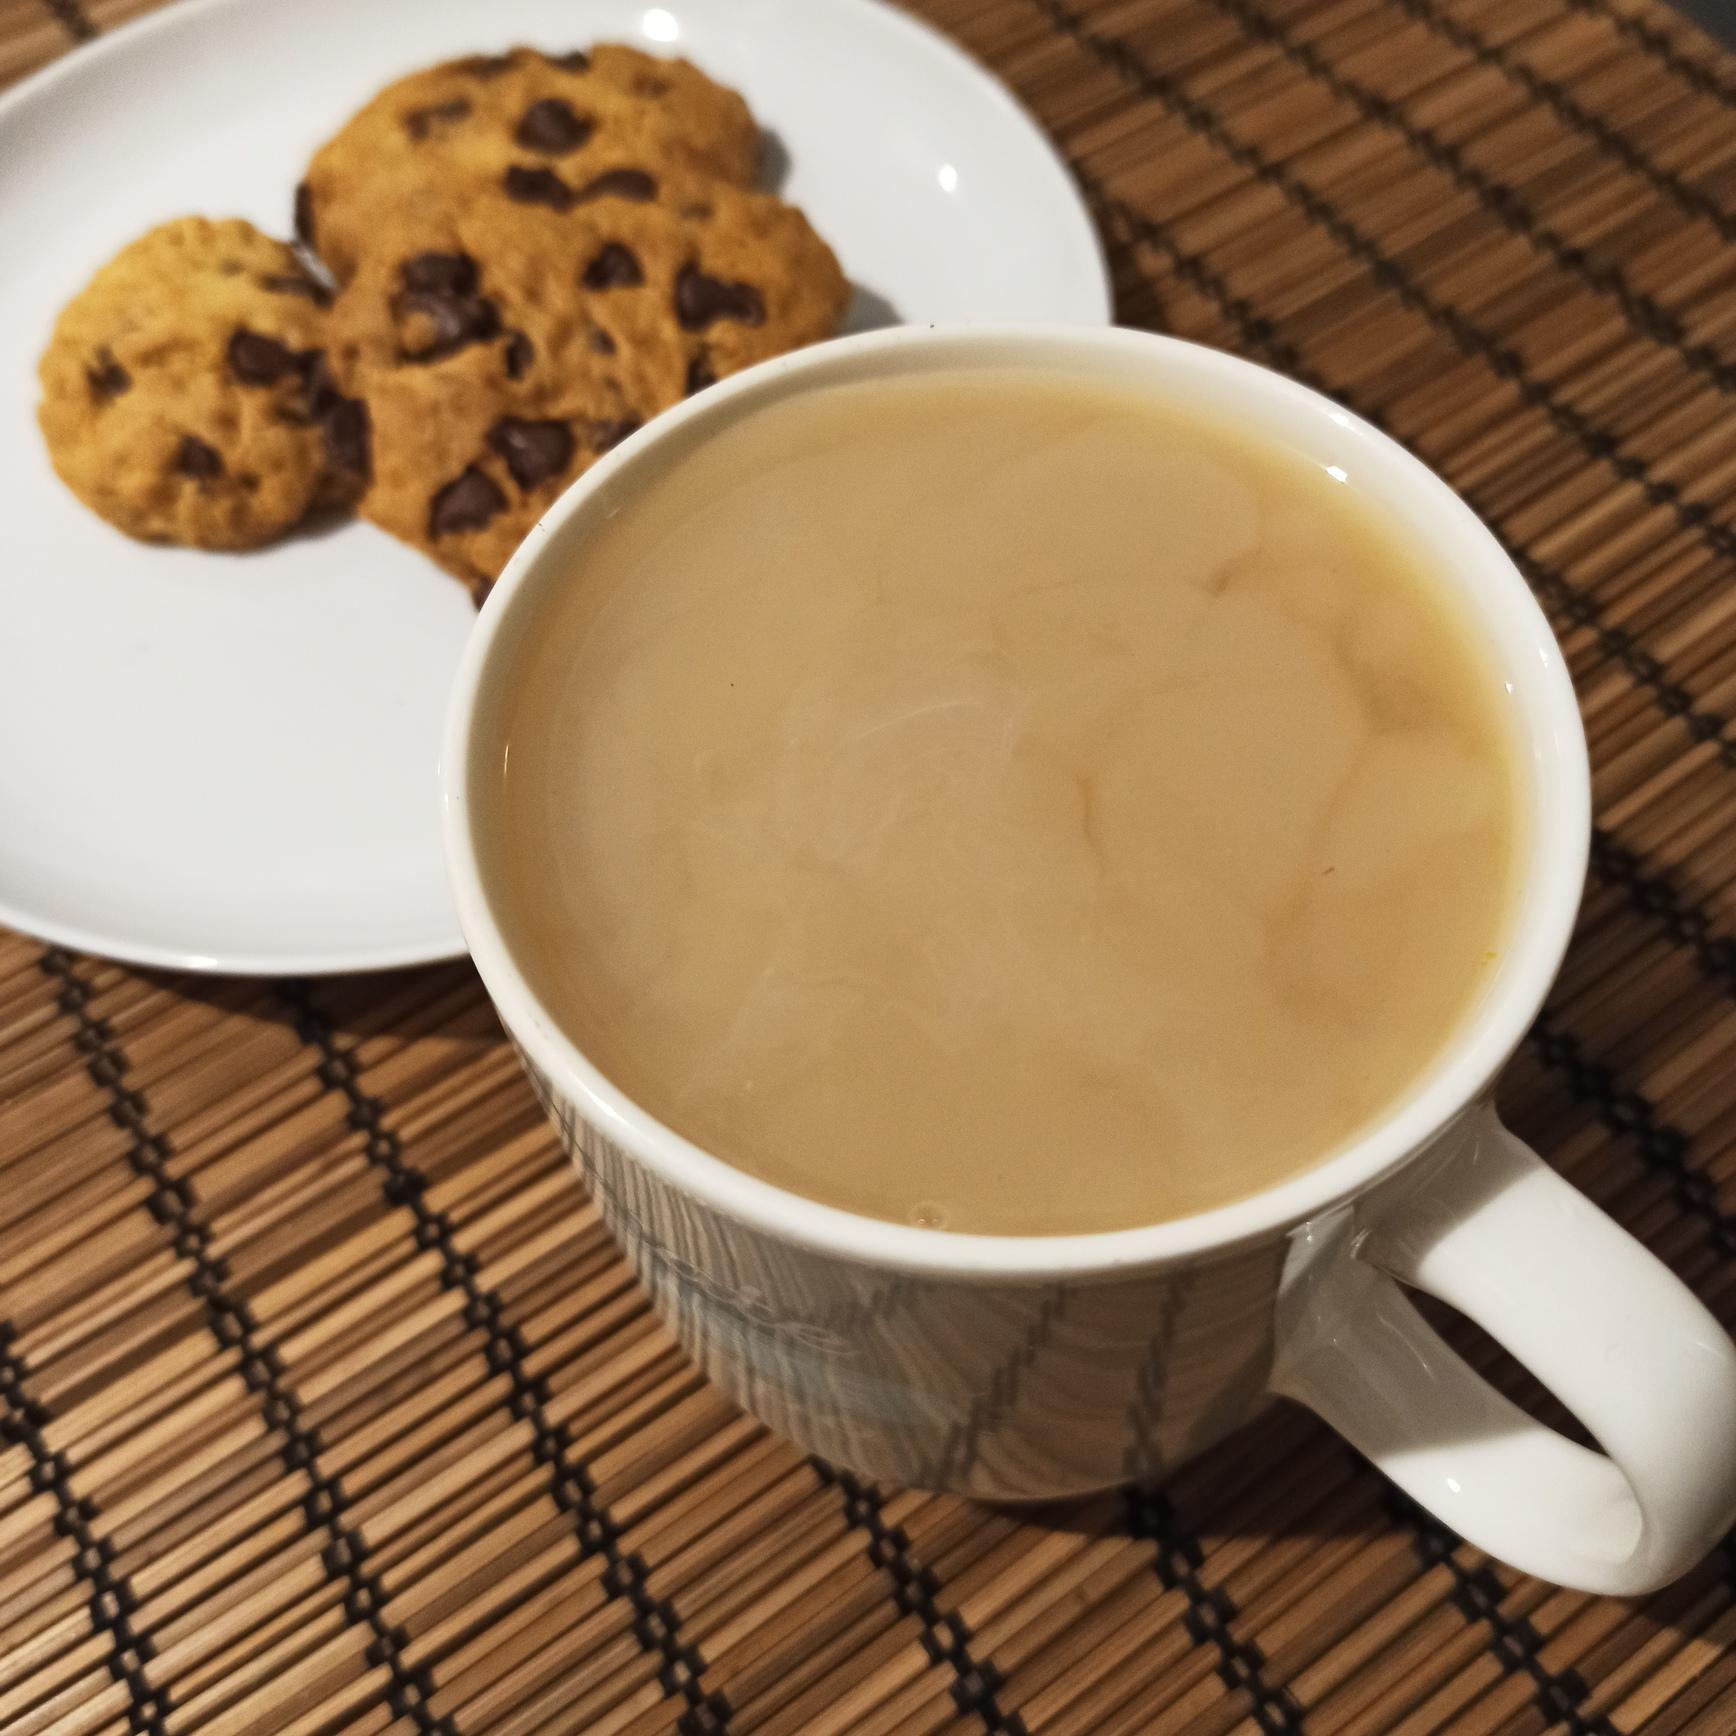 Galletas o cookies con té